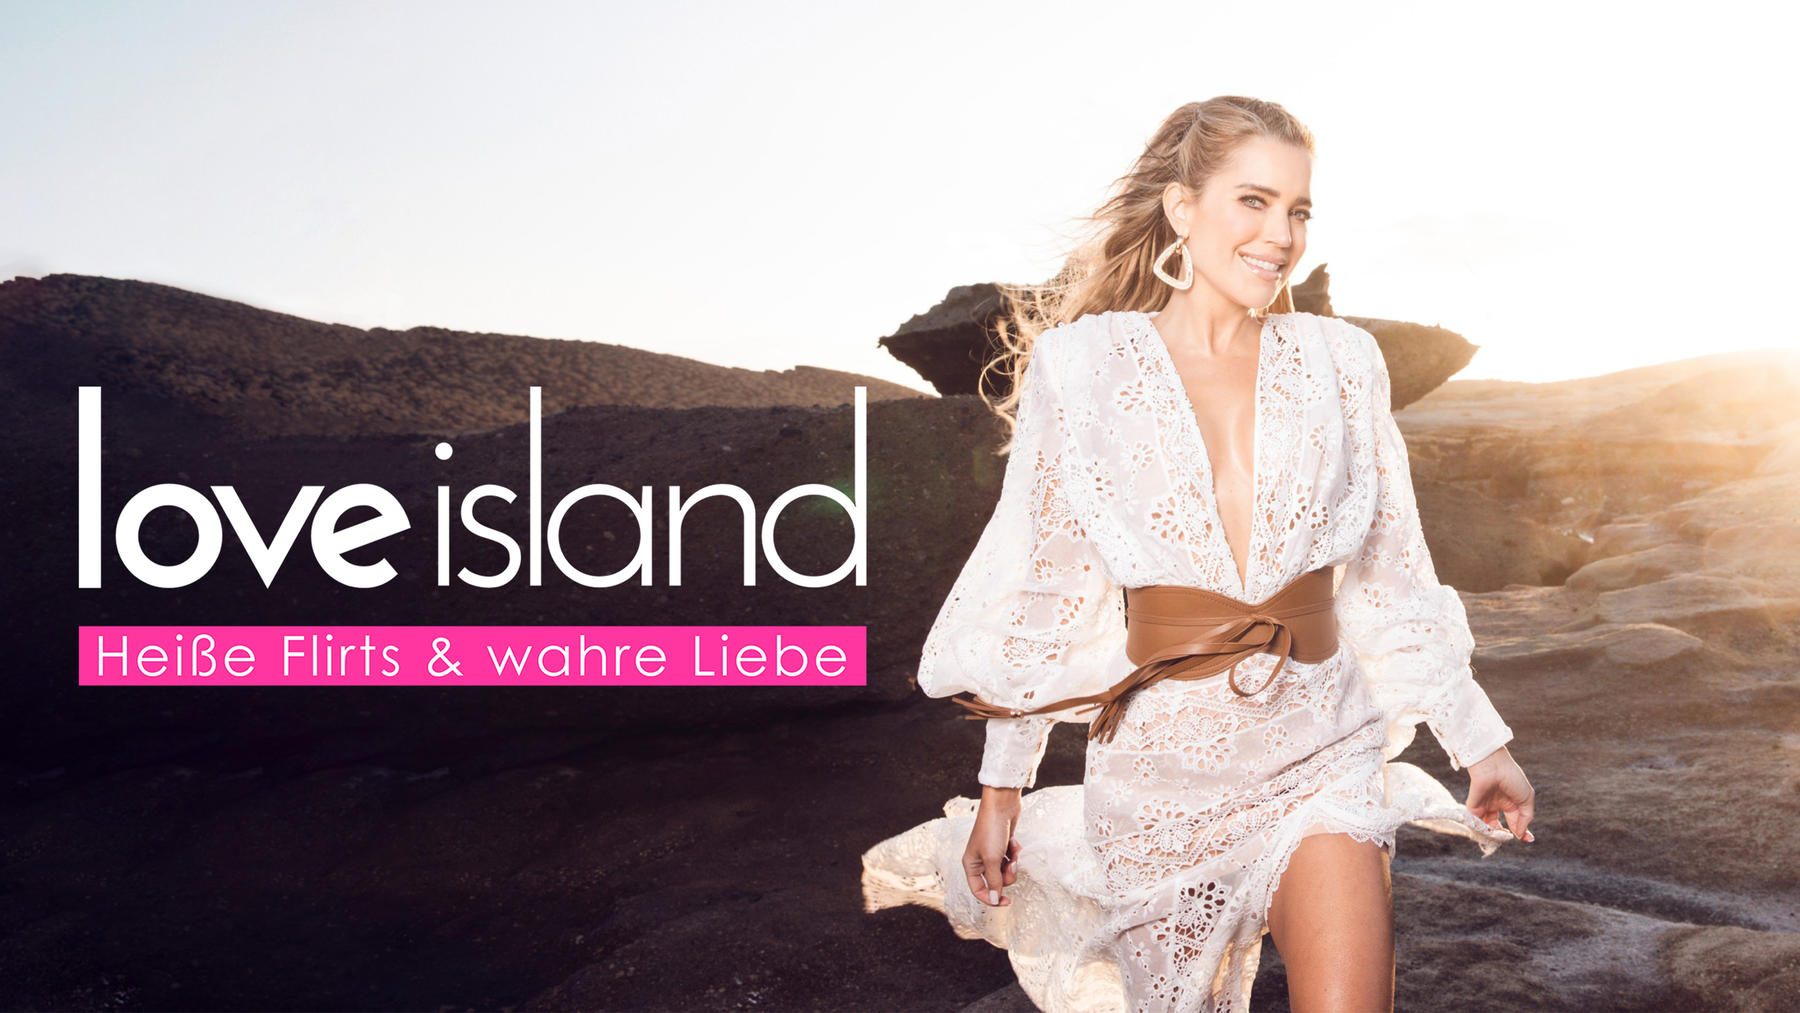 Love Island - Heiße Flirts und wahre Liebe